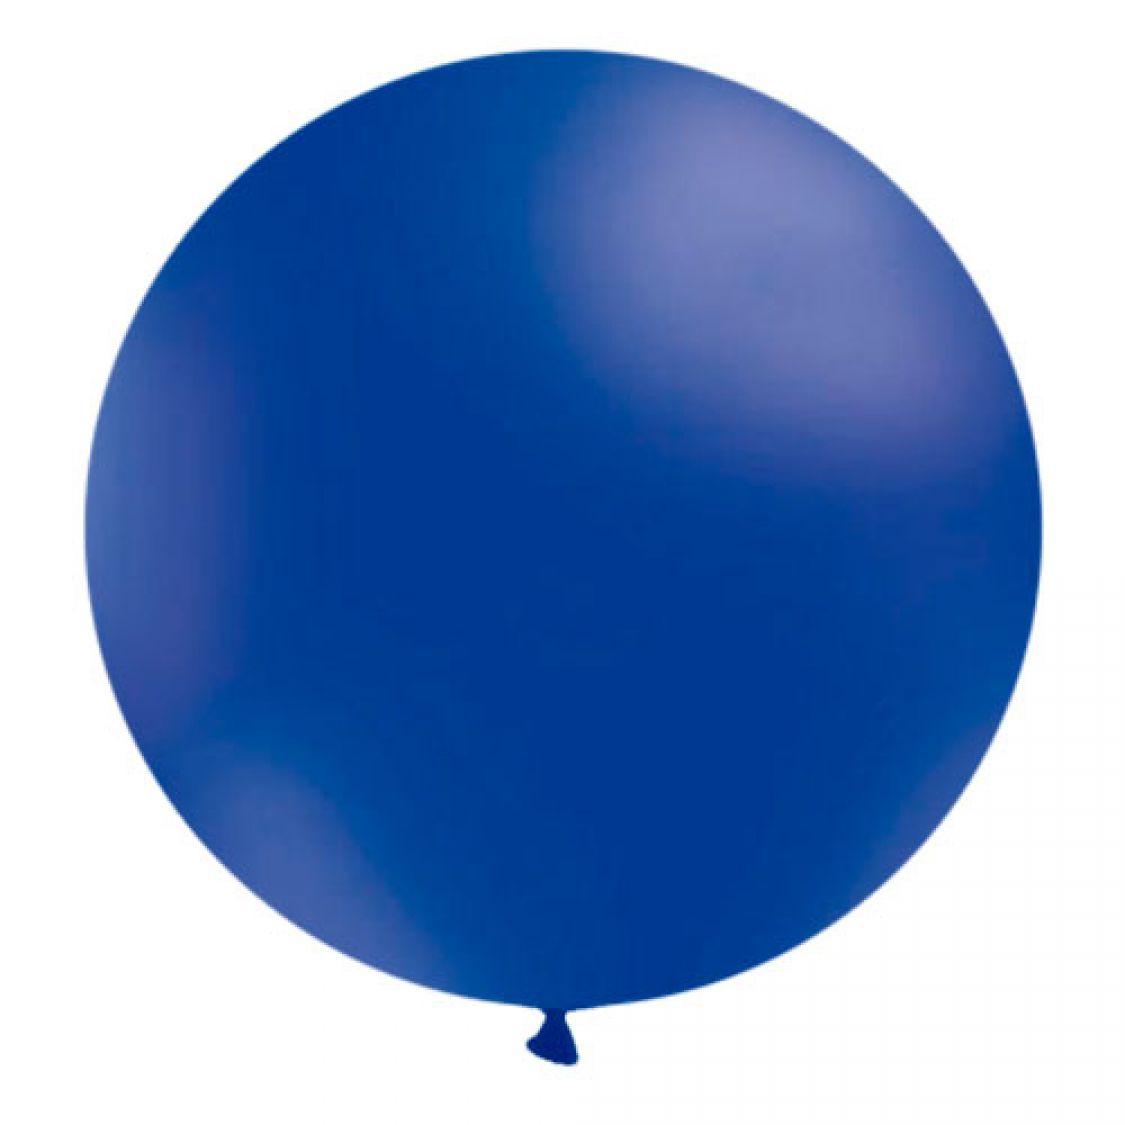 Ballon Bleu Marine